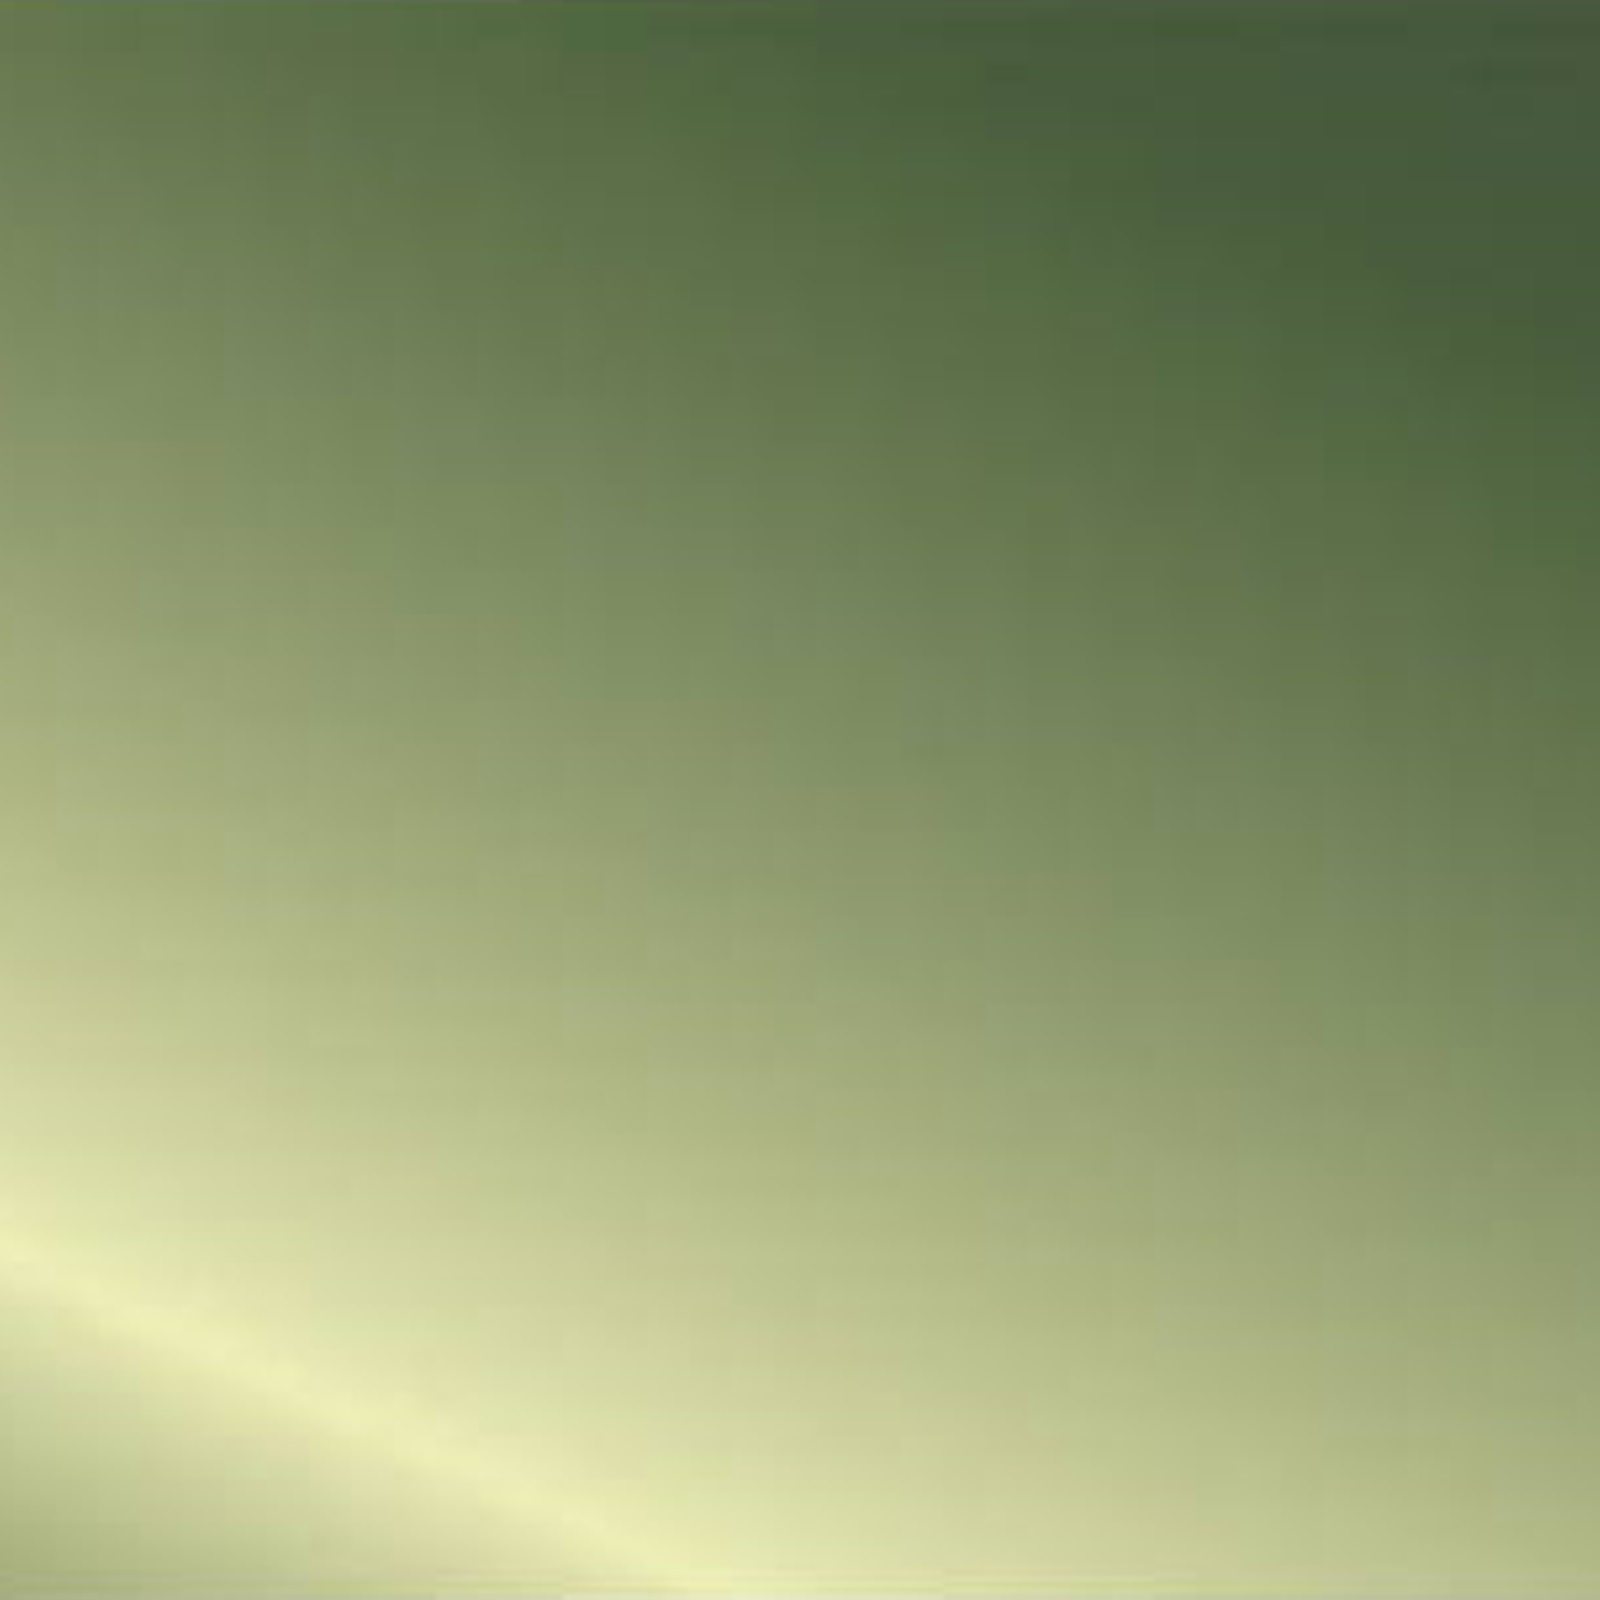 verde metalizat creamy